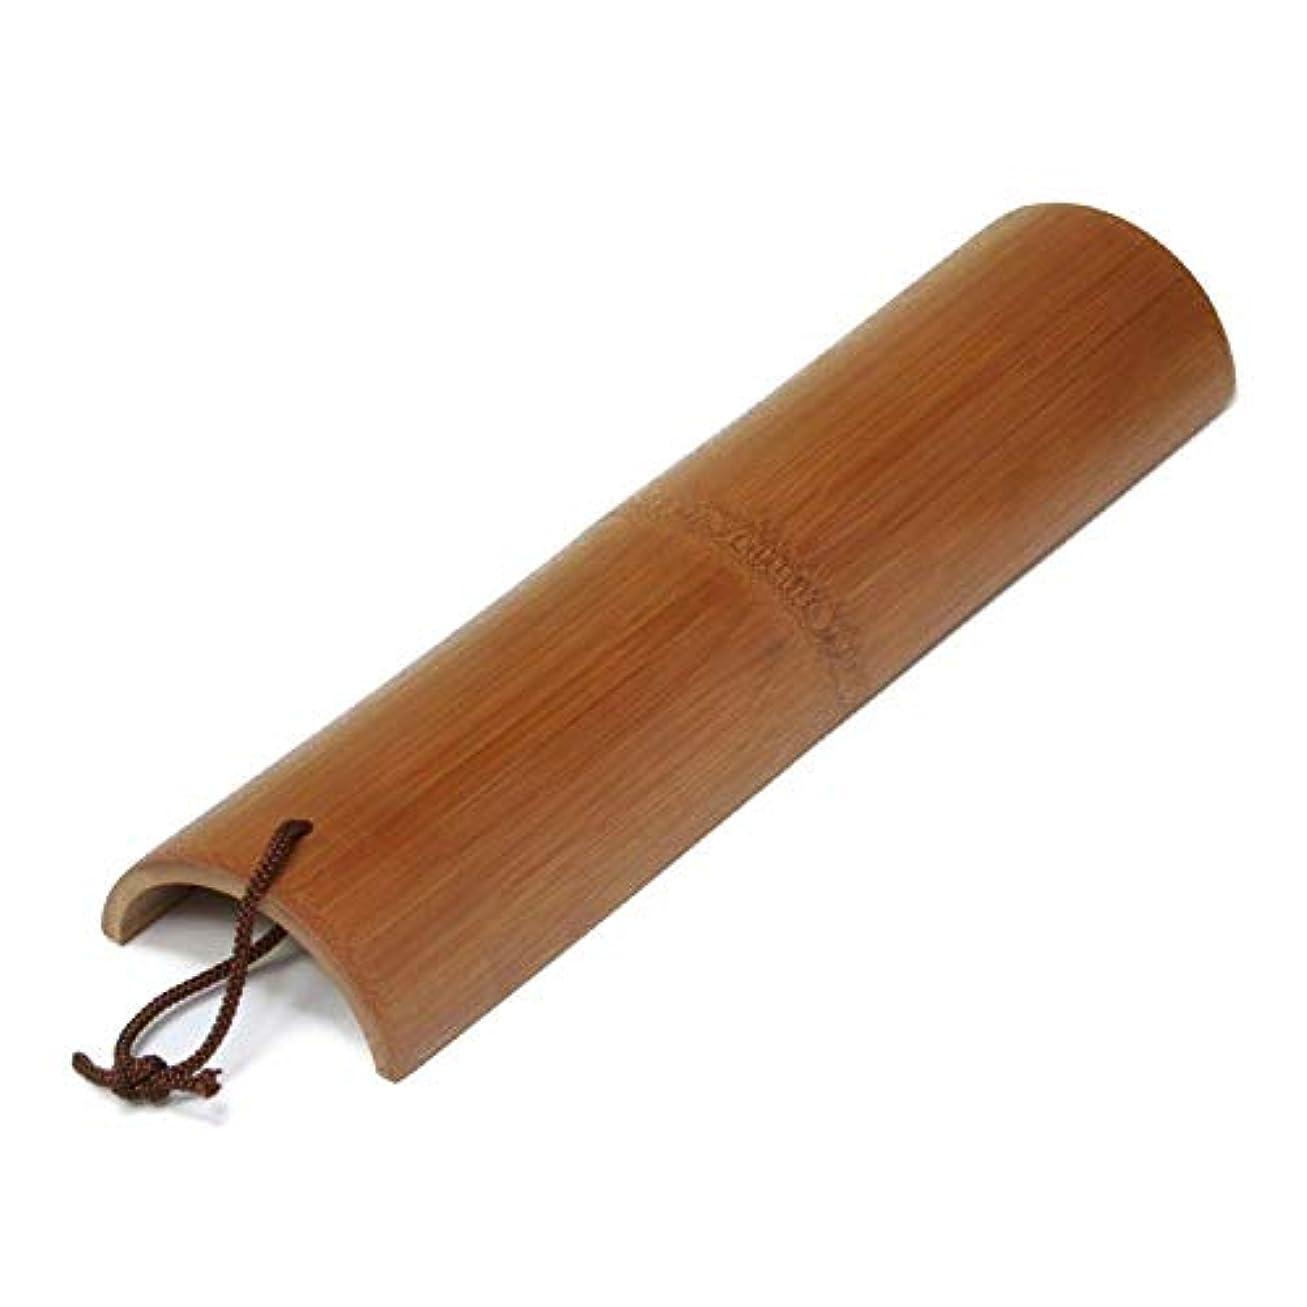 どこにでも毎月預言者炭化竹製「大判?踏み竹」 「竹の本場?大分県」よりお届けします